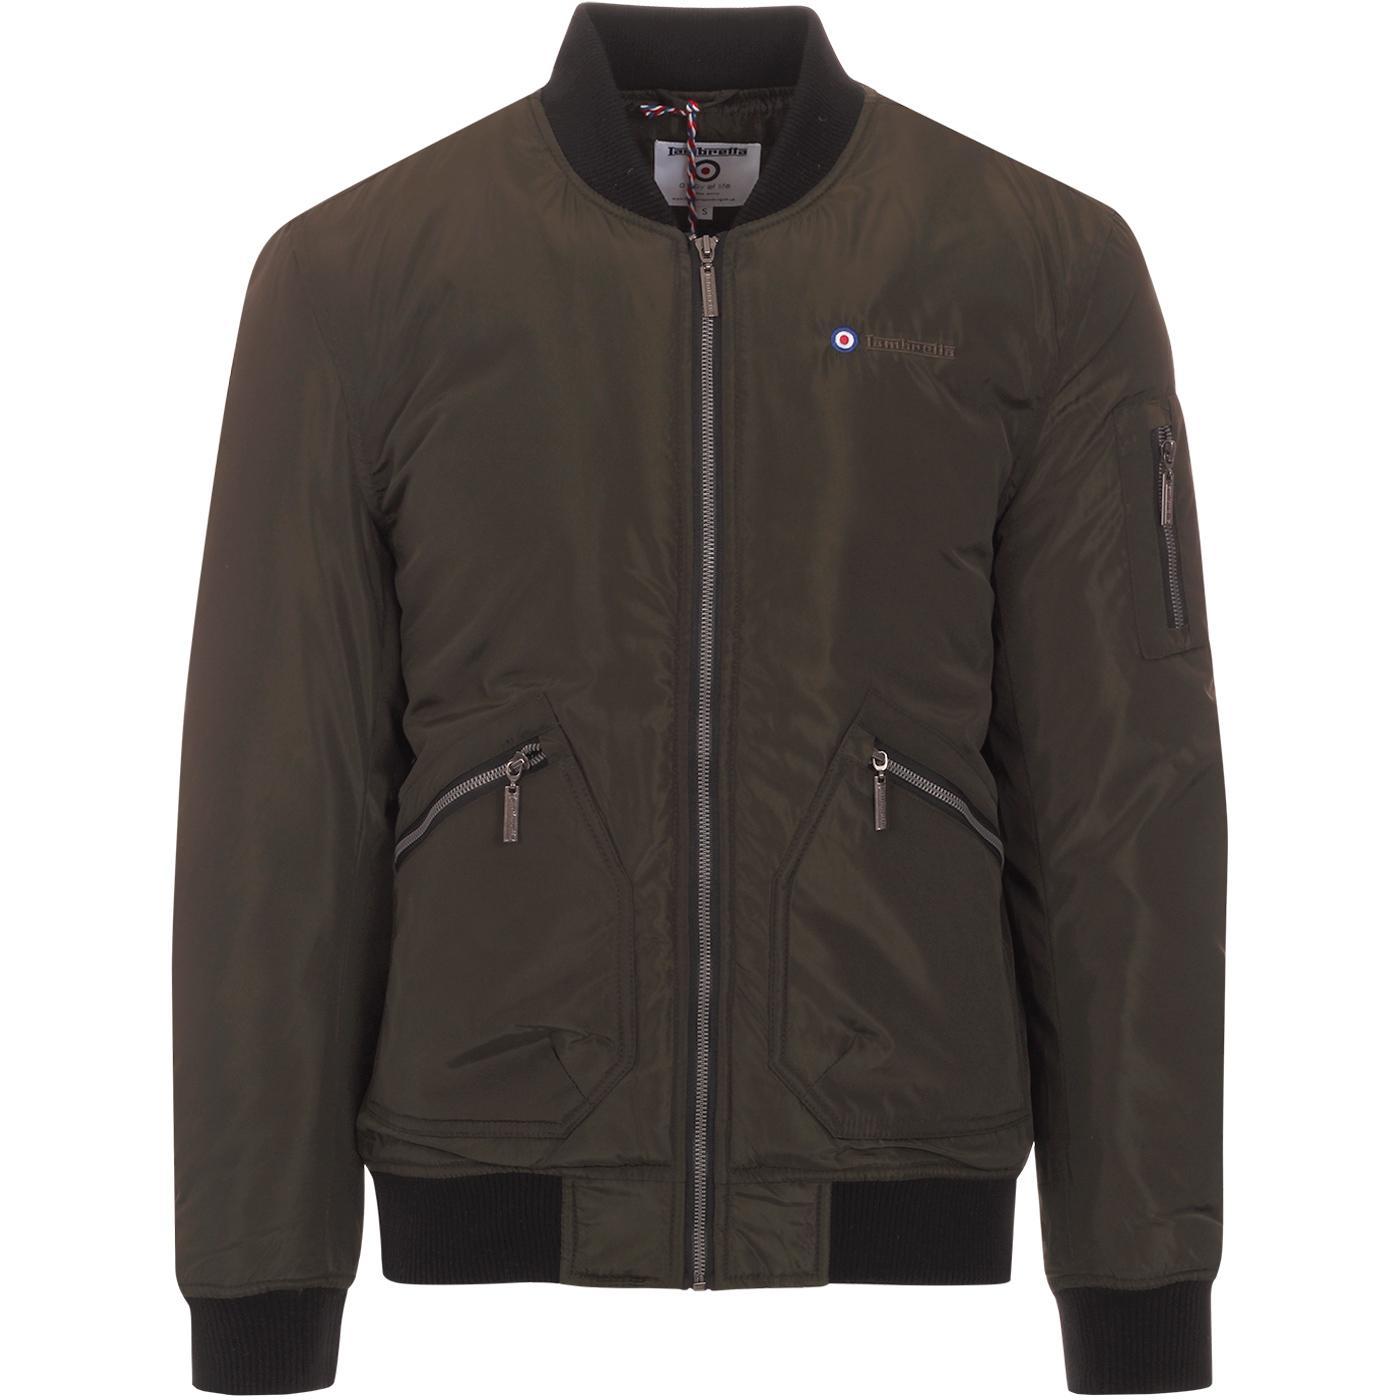 LAMBRETTA Men's Mod Revival Bomber Jacket (Khaki)